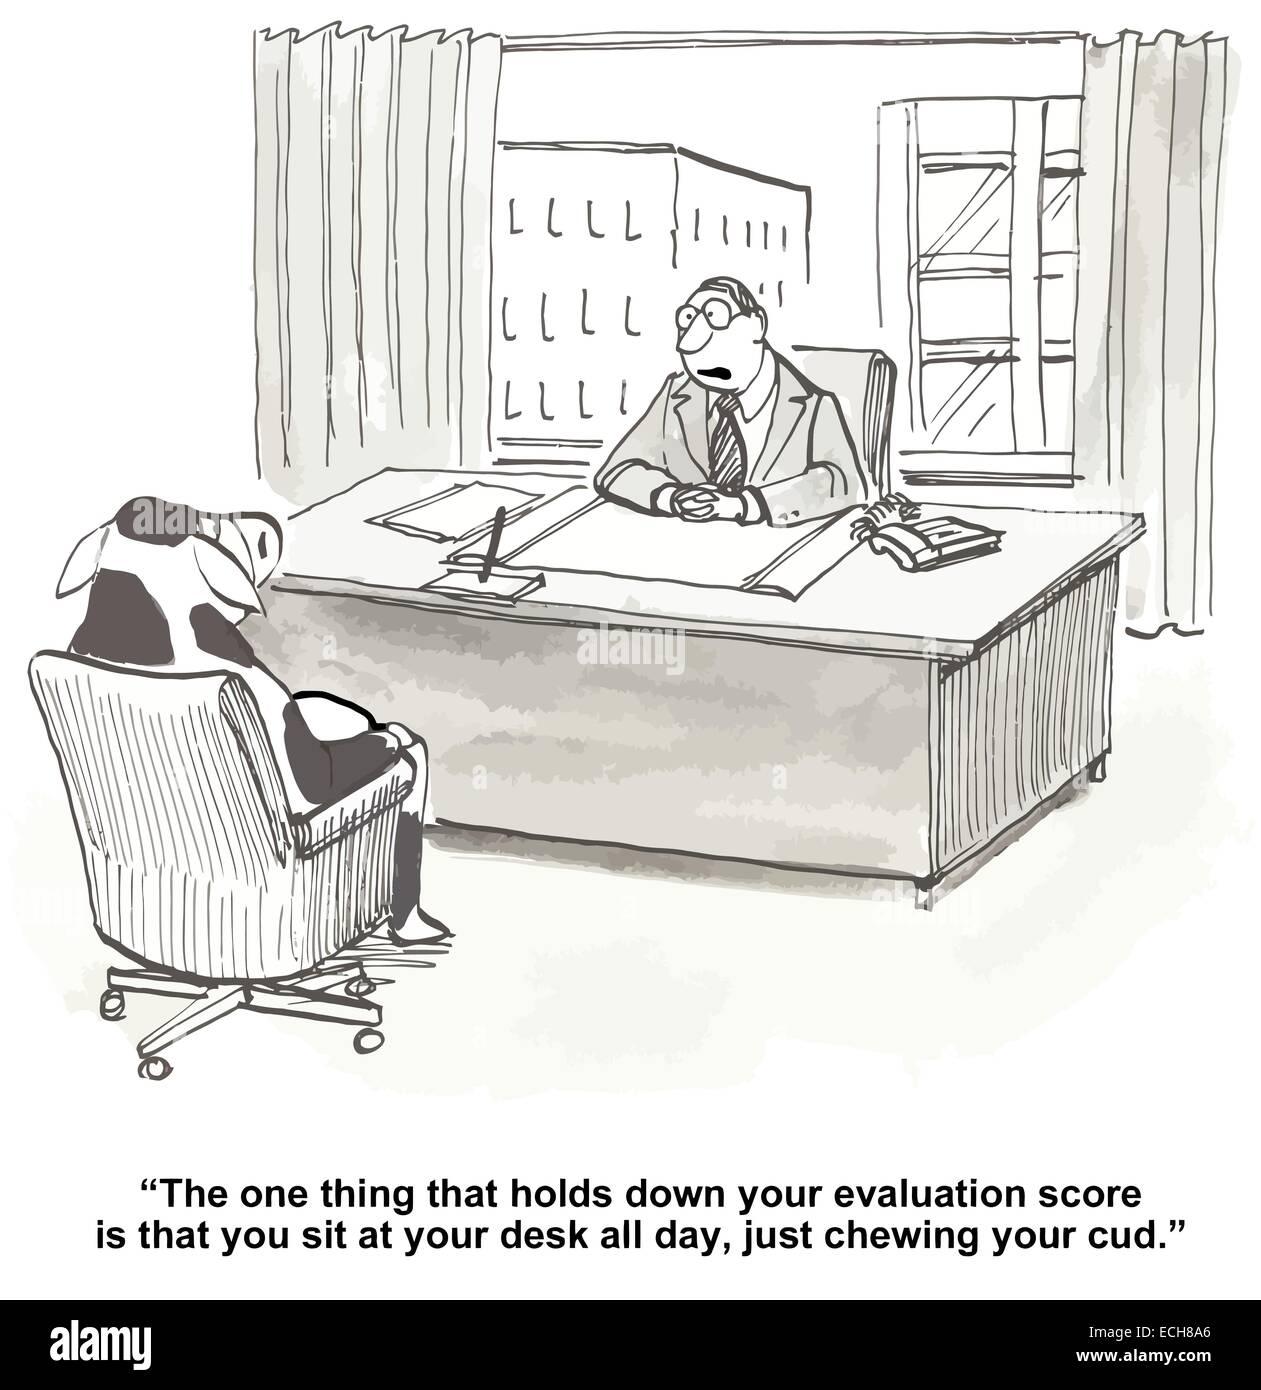 In die Leistungsbeurteilung treffen sagt der Chef dem Mitarbeiter ...